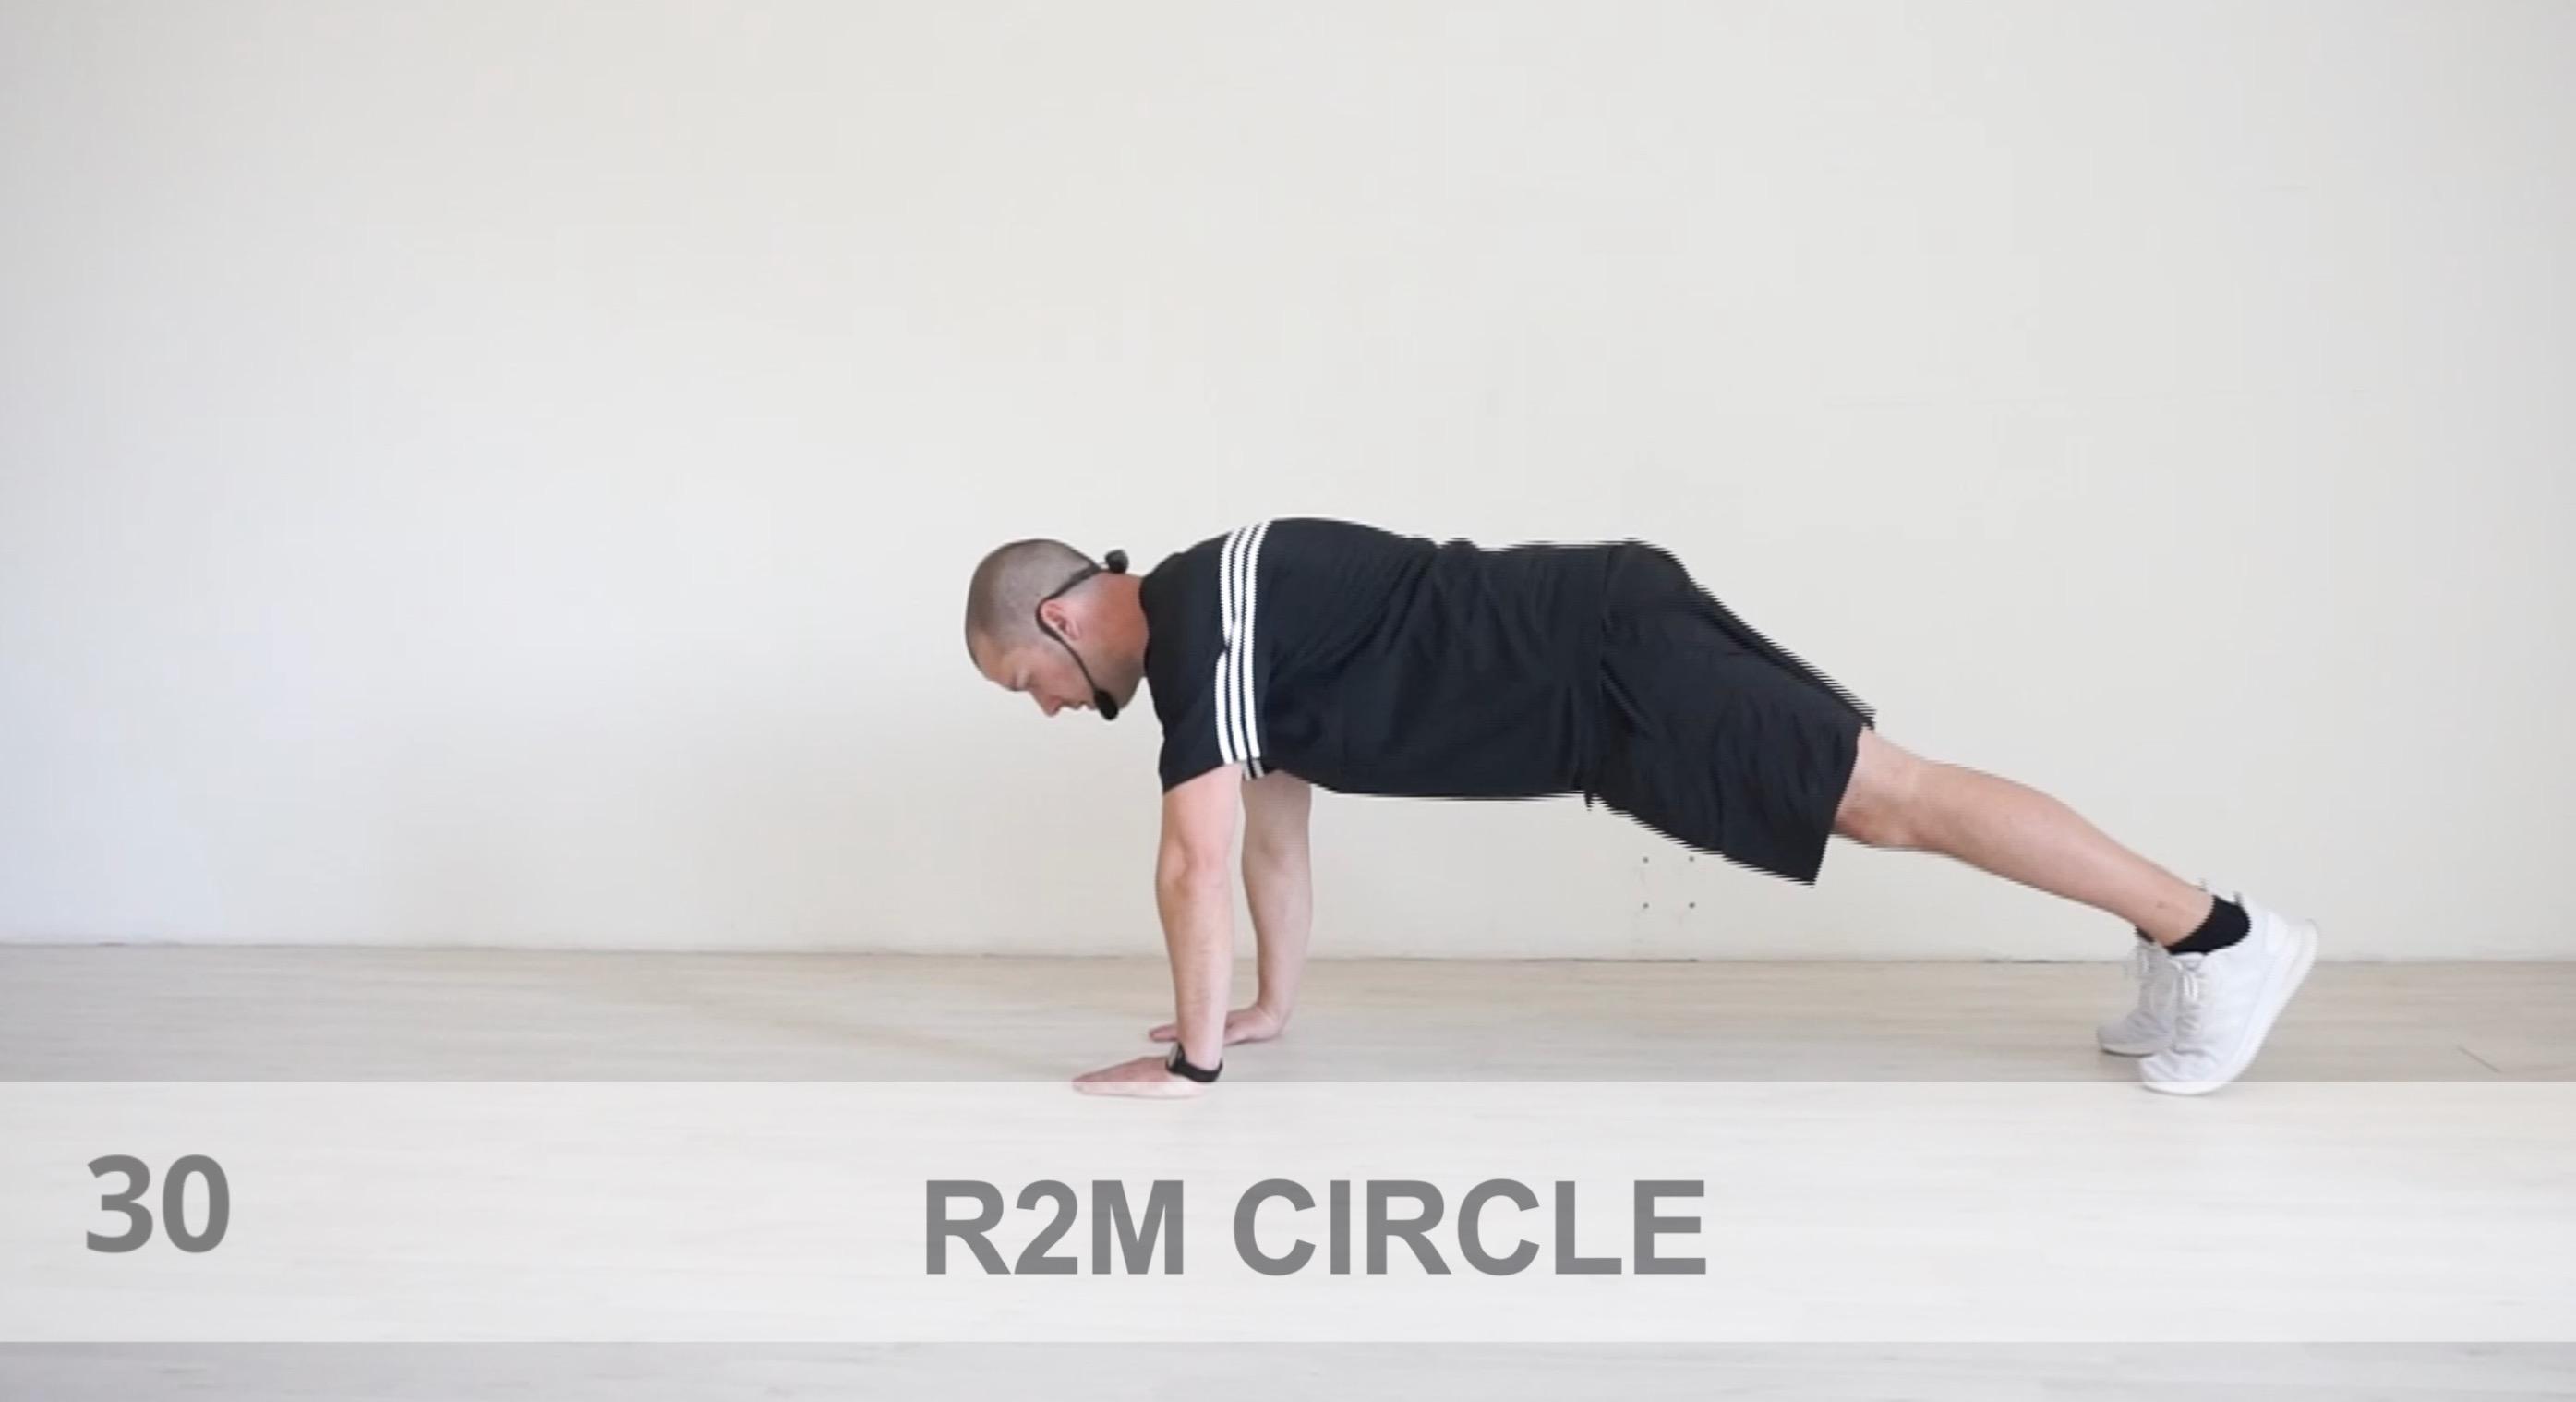 R2M CIRCLE